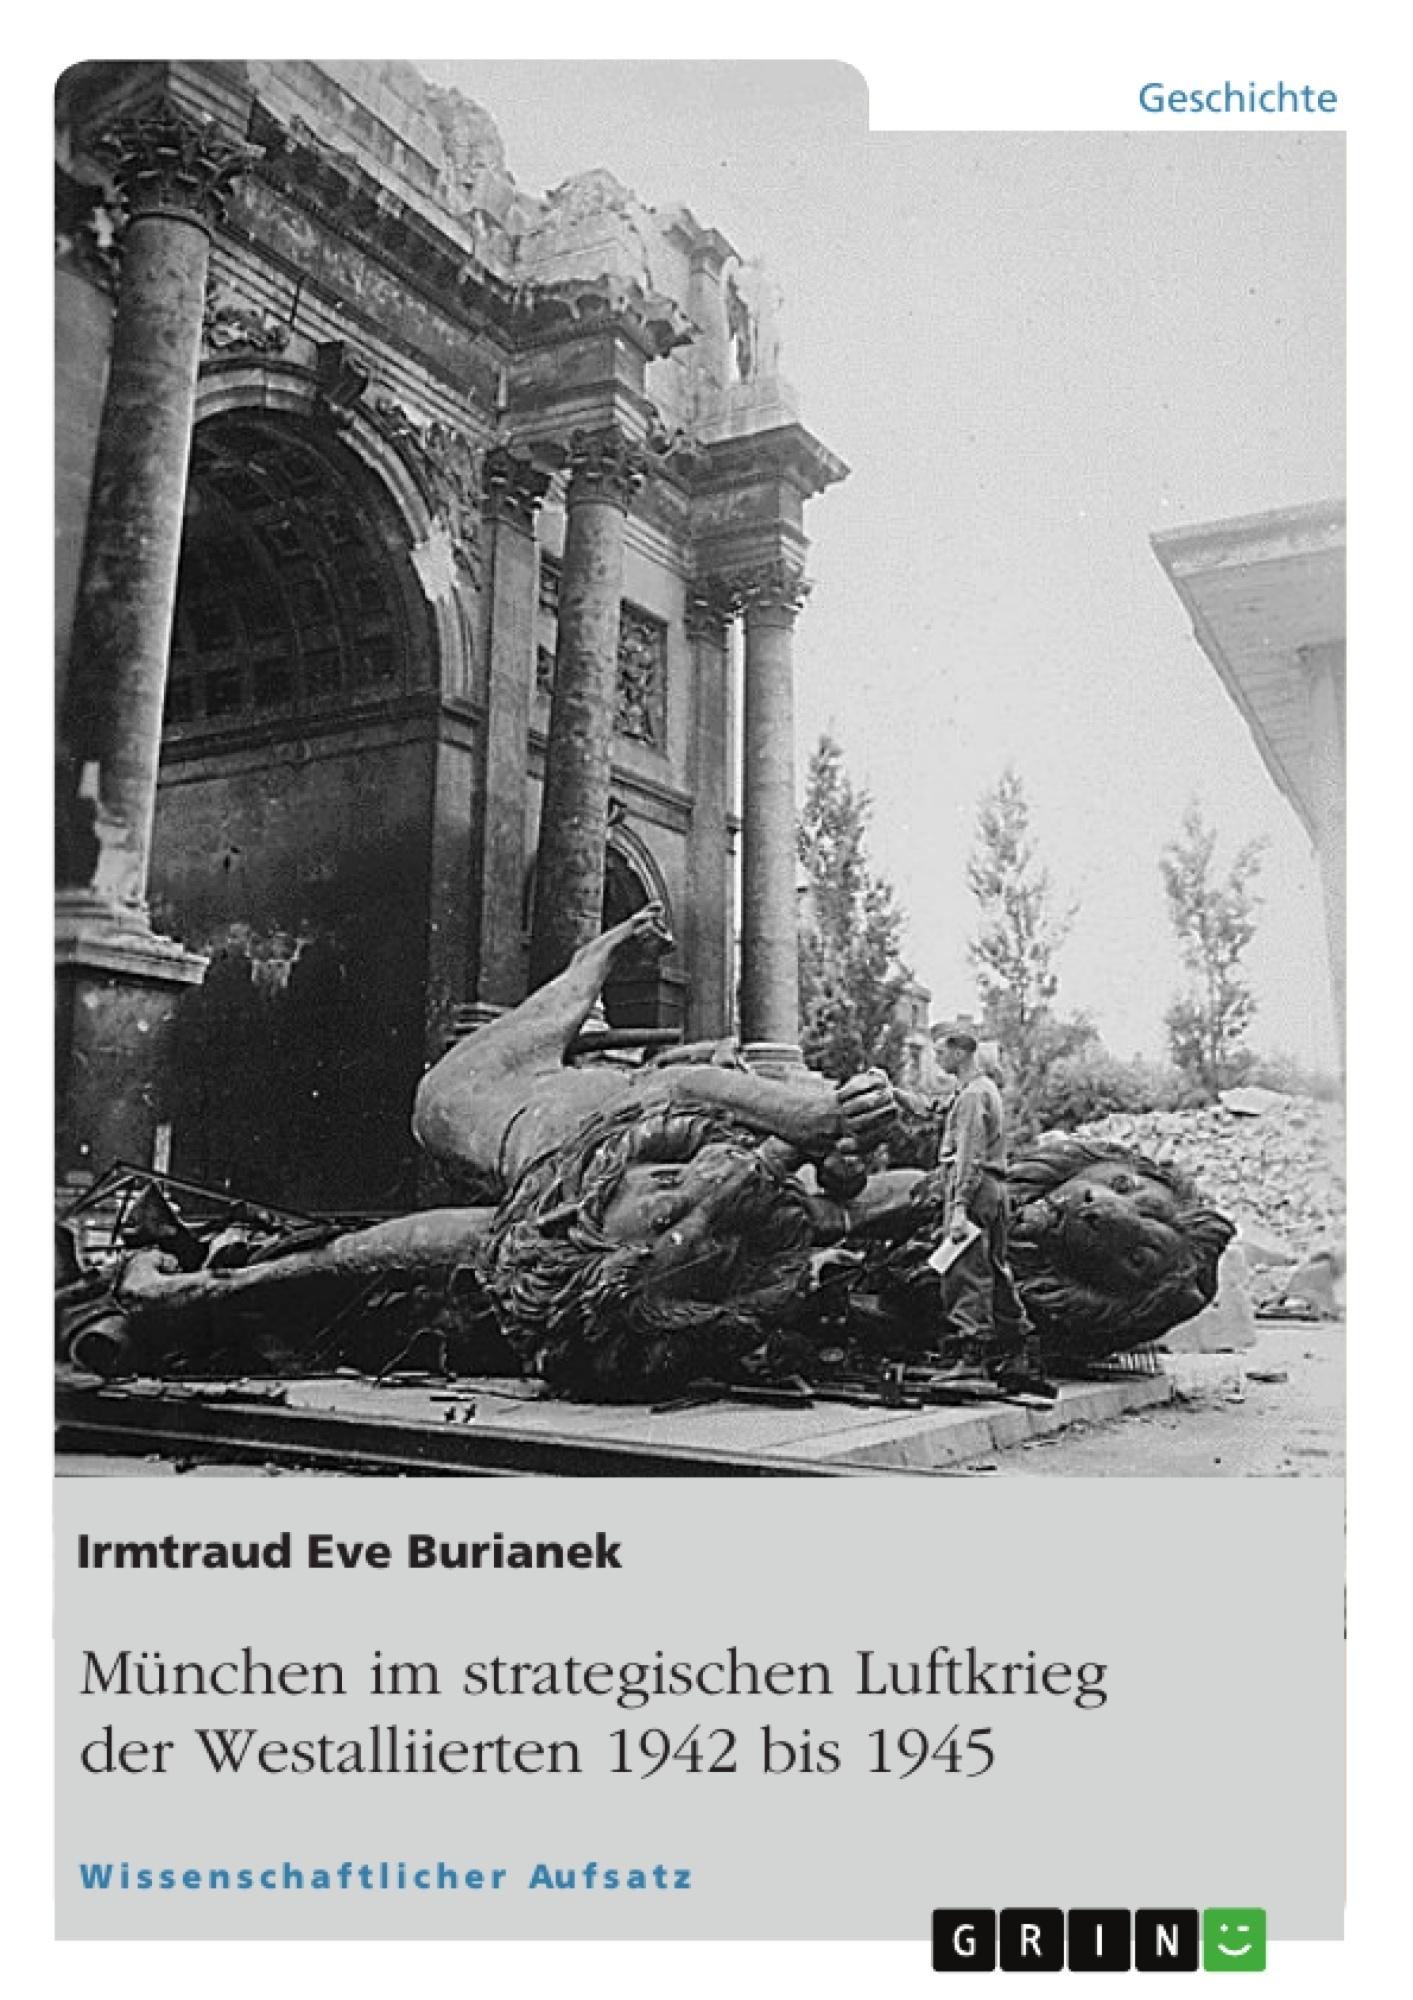 Titel: München im strategischen Luftkrieg der Westalliierten 1942 bis 1945